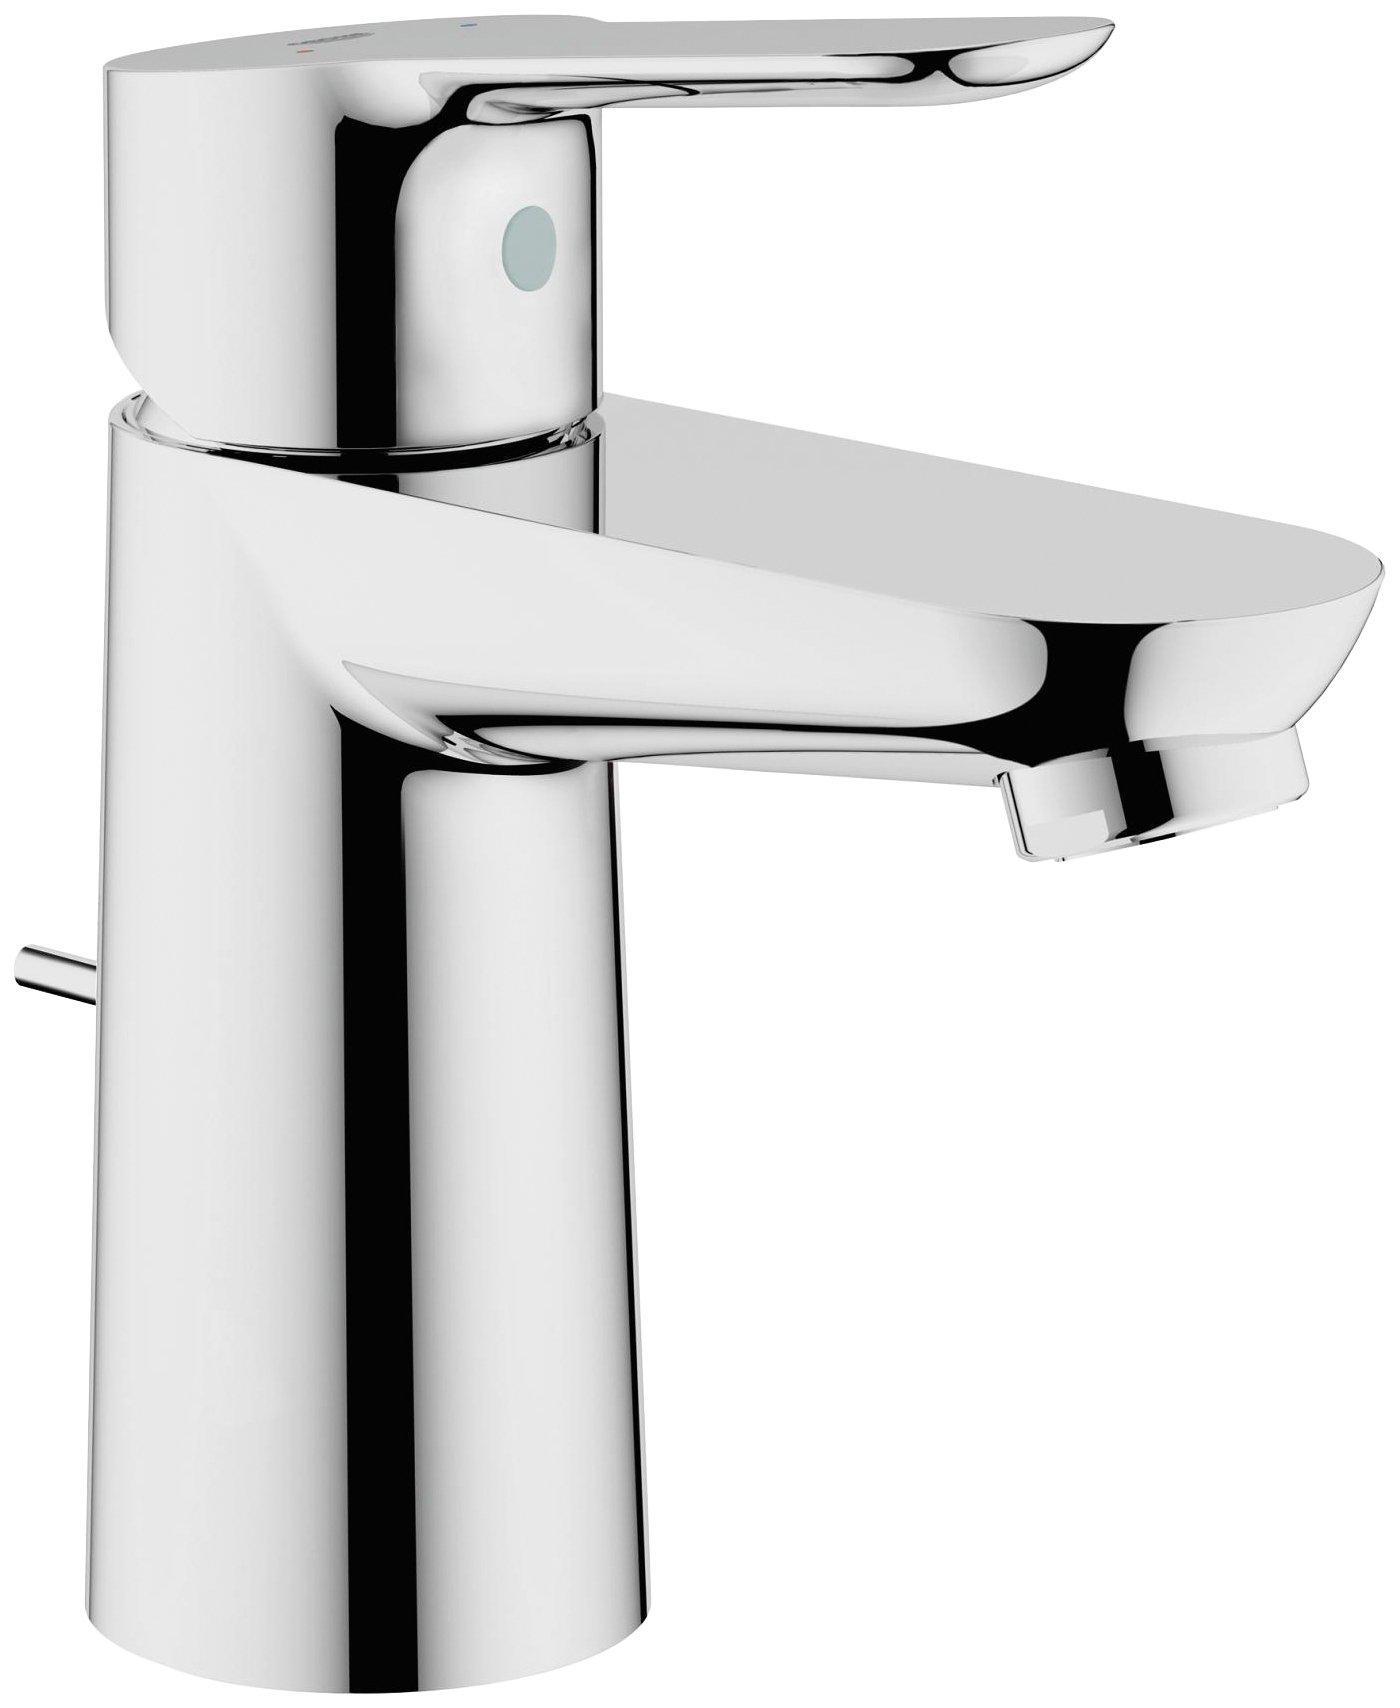 Full Size of Grohe Wasserhahn Dusche Für Küche Wandanschluss Thermostat Bad Wohnzimmer Grohe Wasserhahn